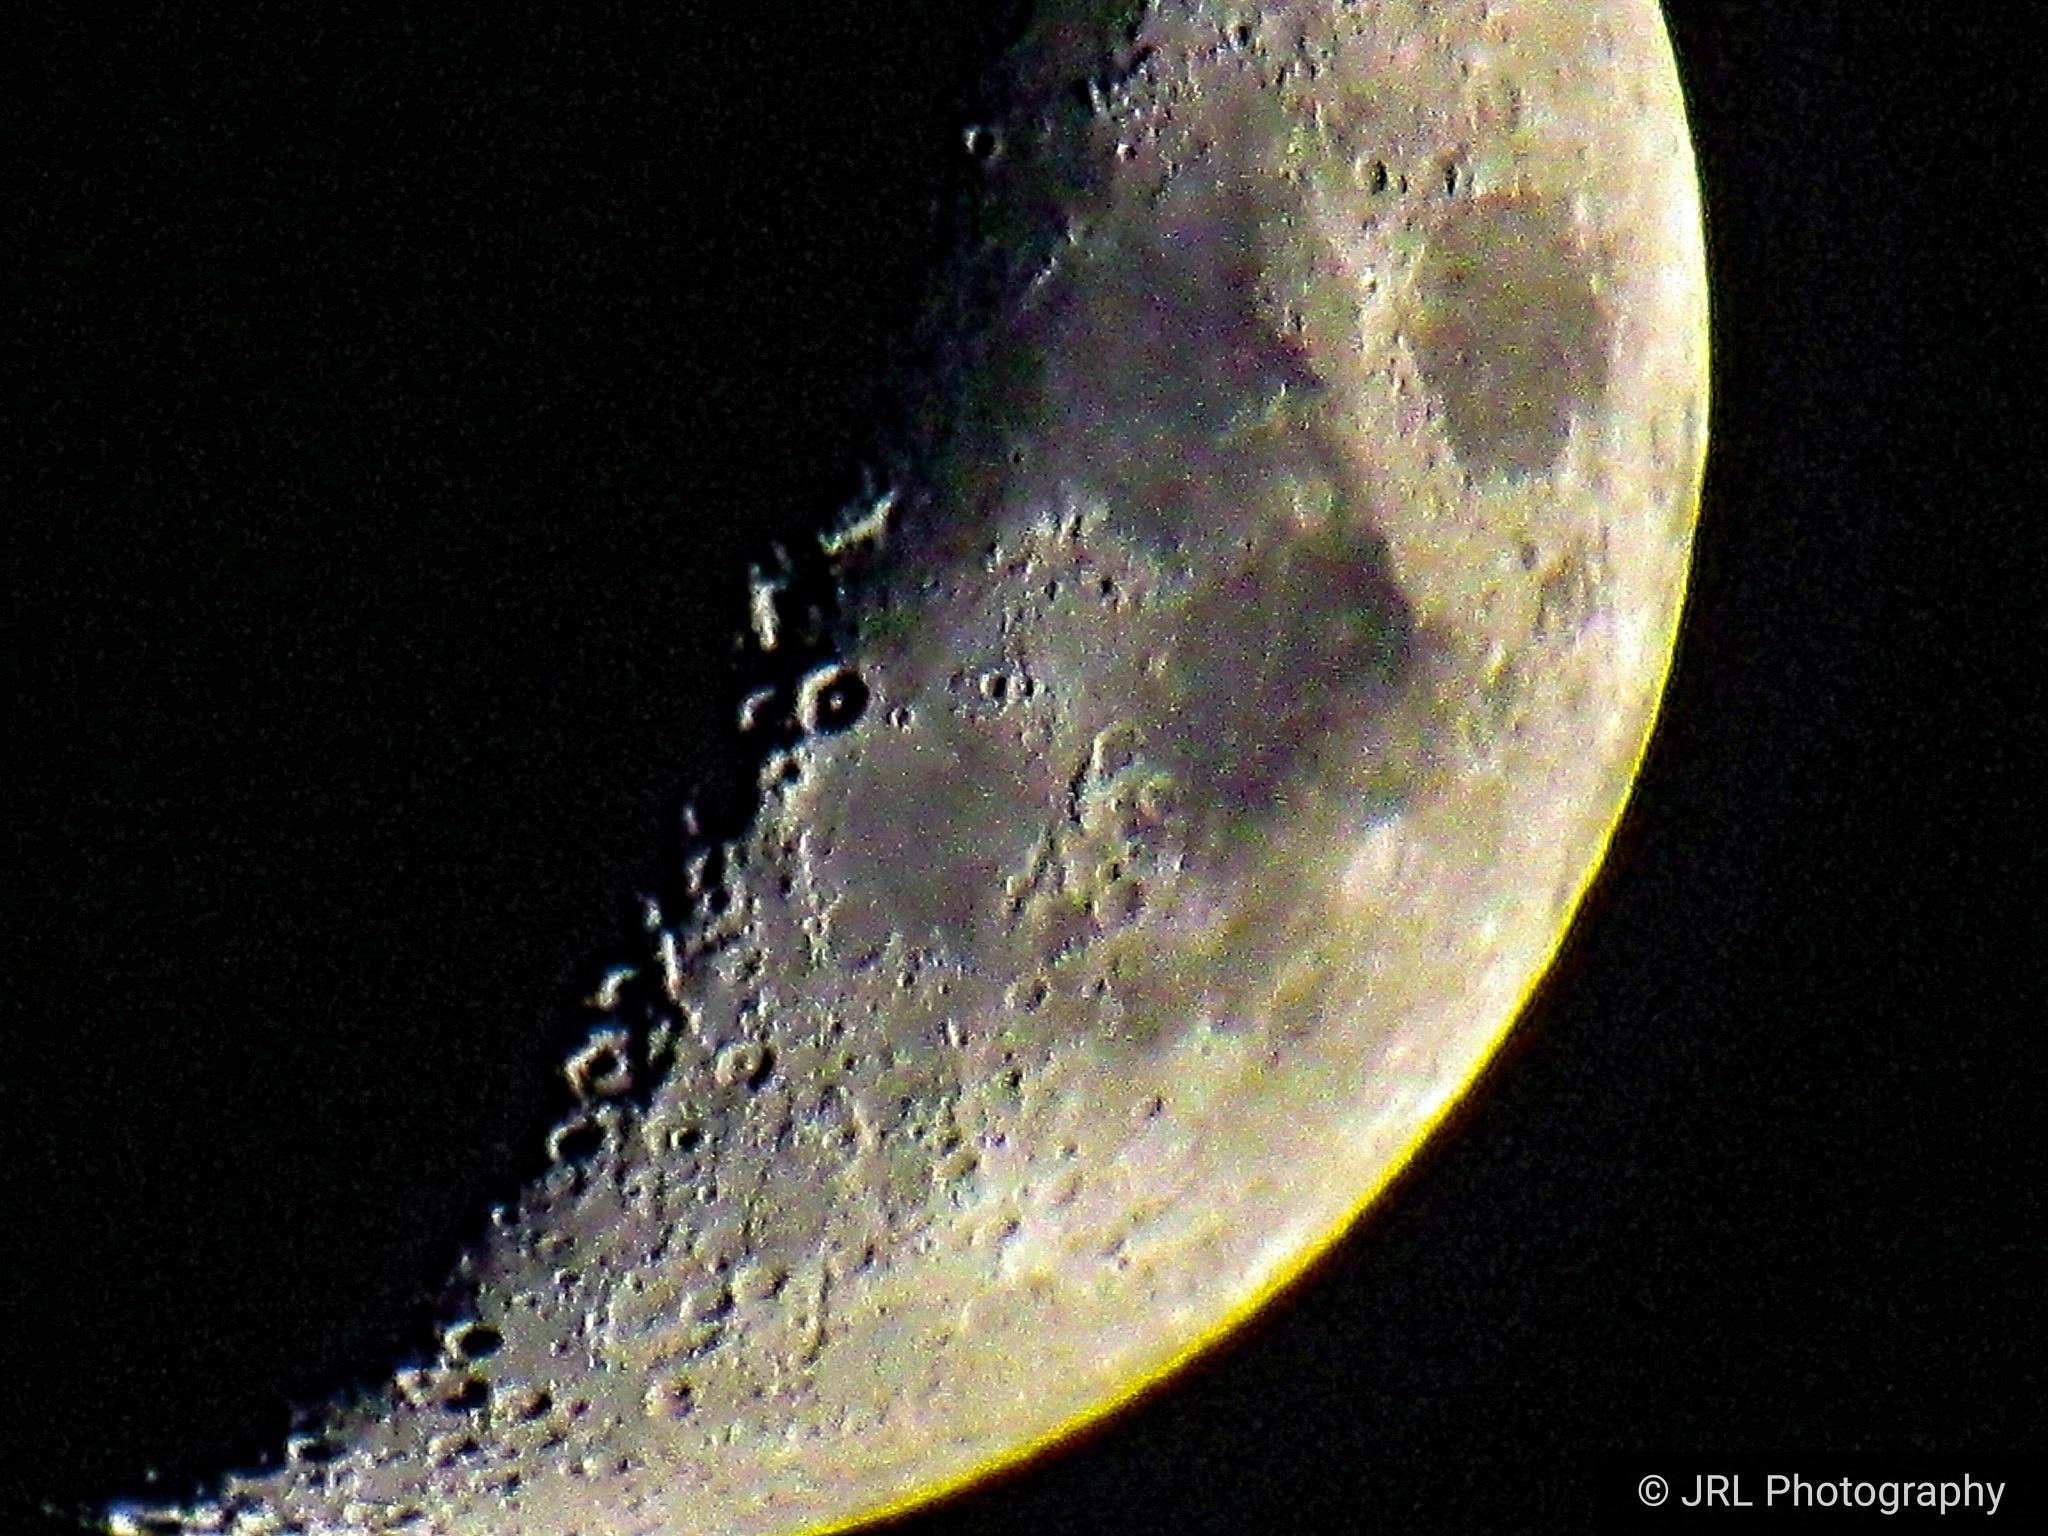 Moon by Jason Lowe